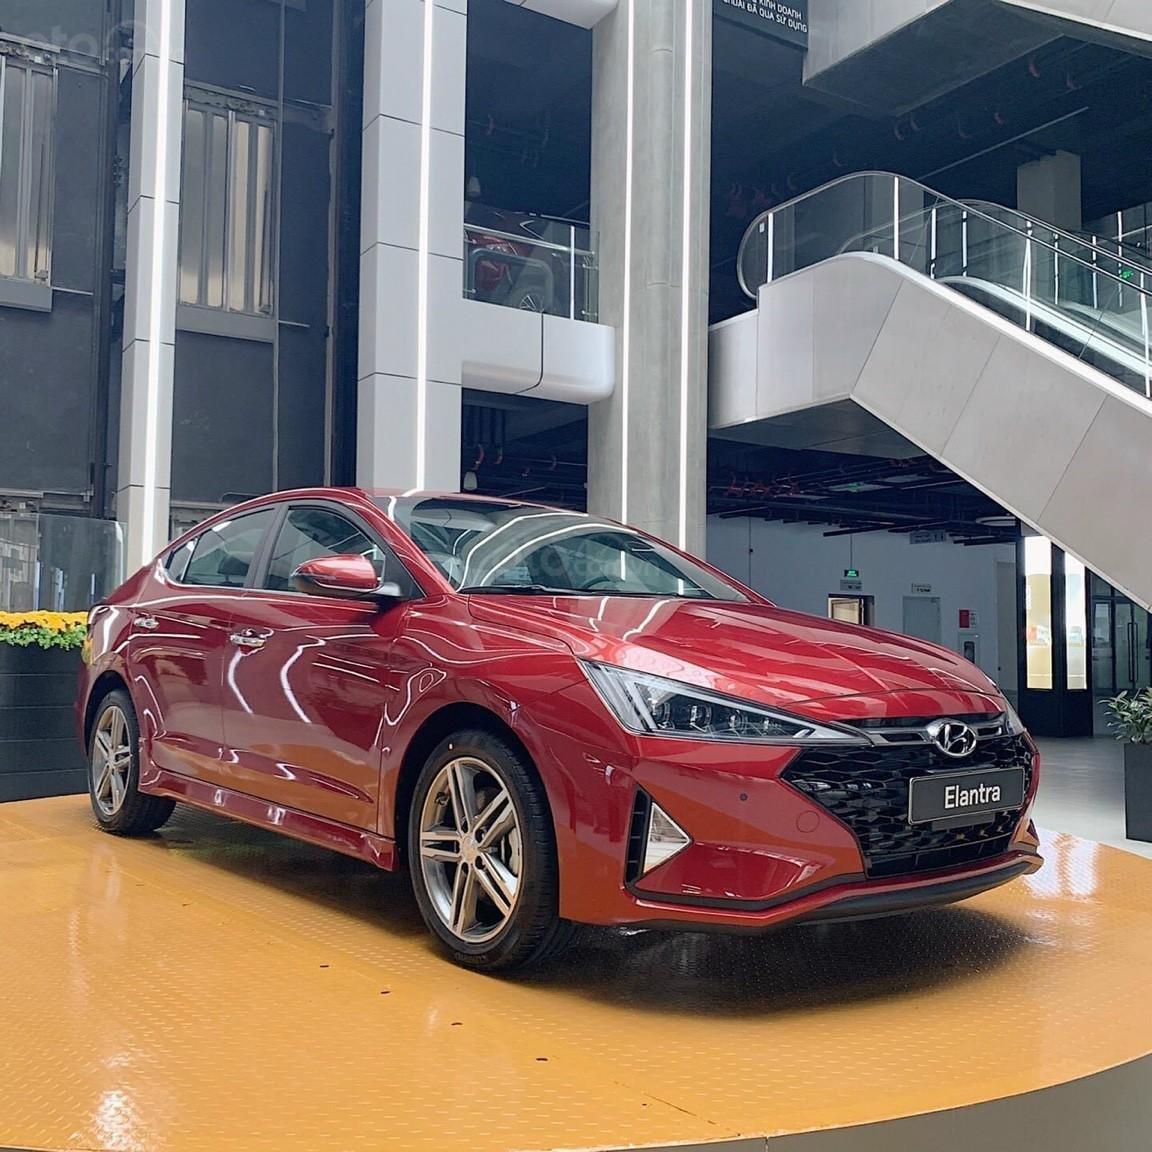 Chỉ từ 150tr đã có xe Hyundai Elantra chính hãng _ giao xe ngay đủ màu + đủ phiên bản, giá tốt nhất miền Nam (8)